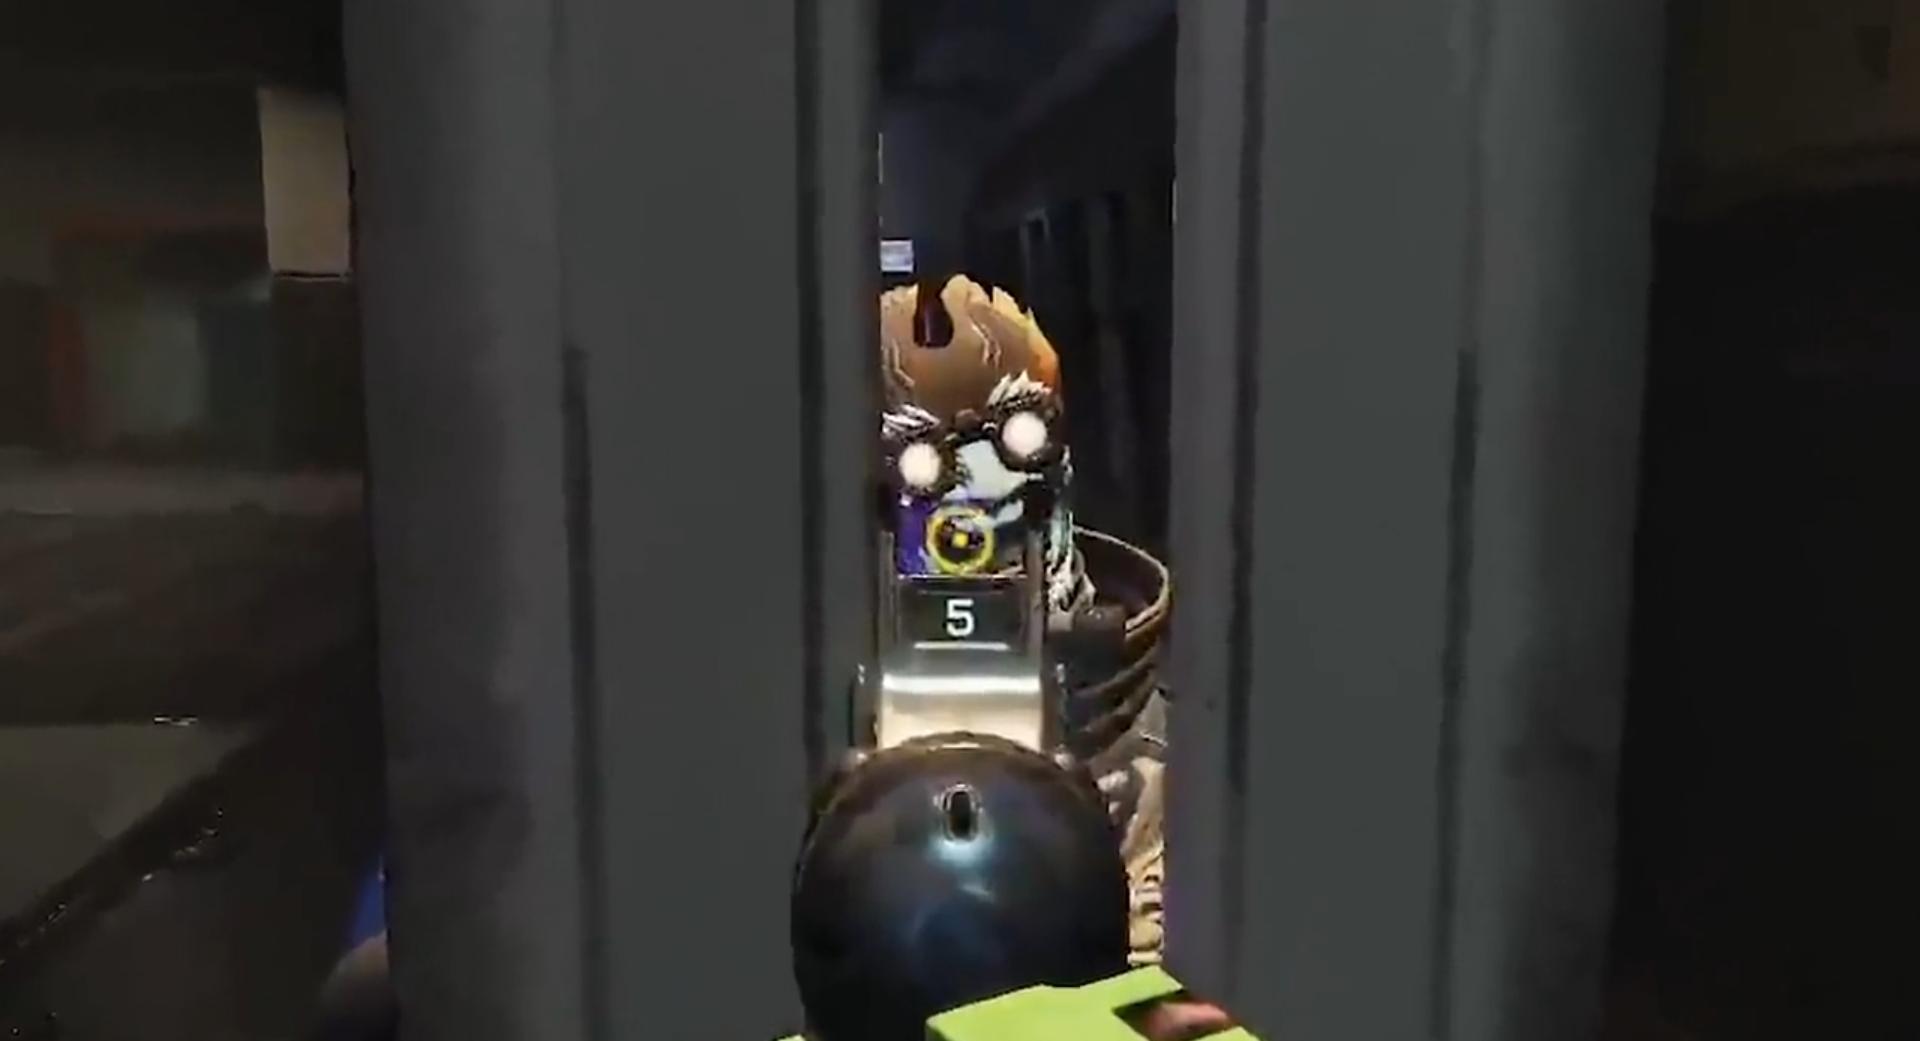 【APEX】ドアを防ぐことができなかったオクタン